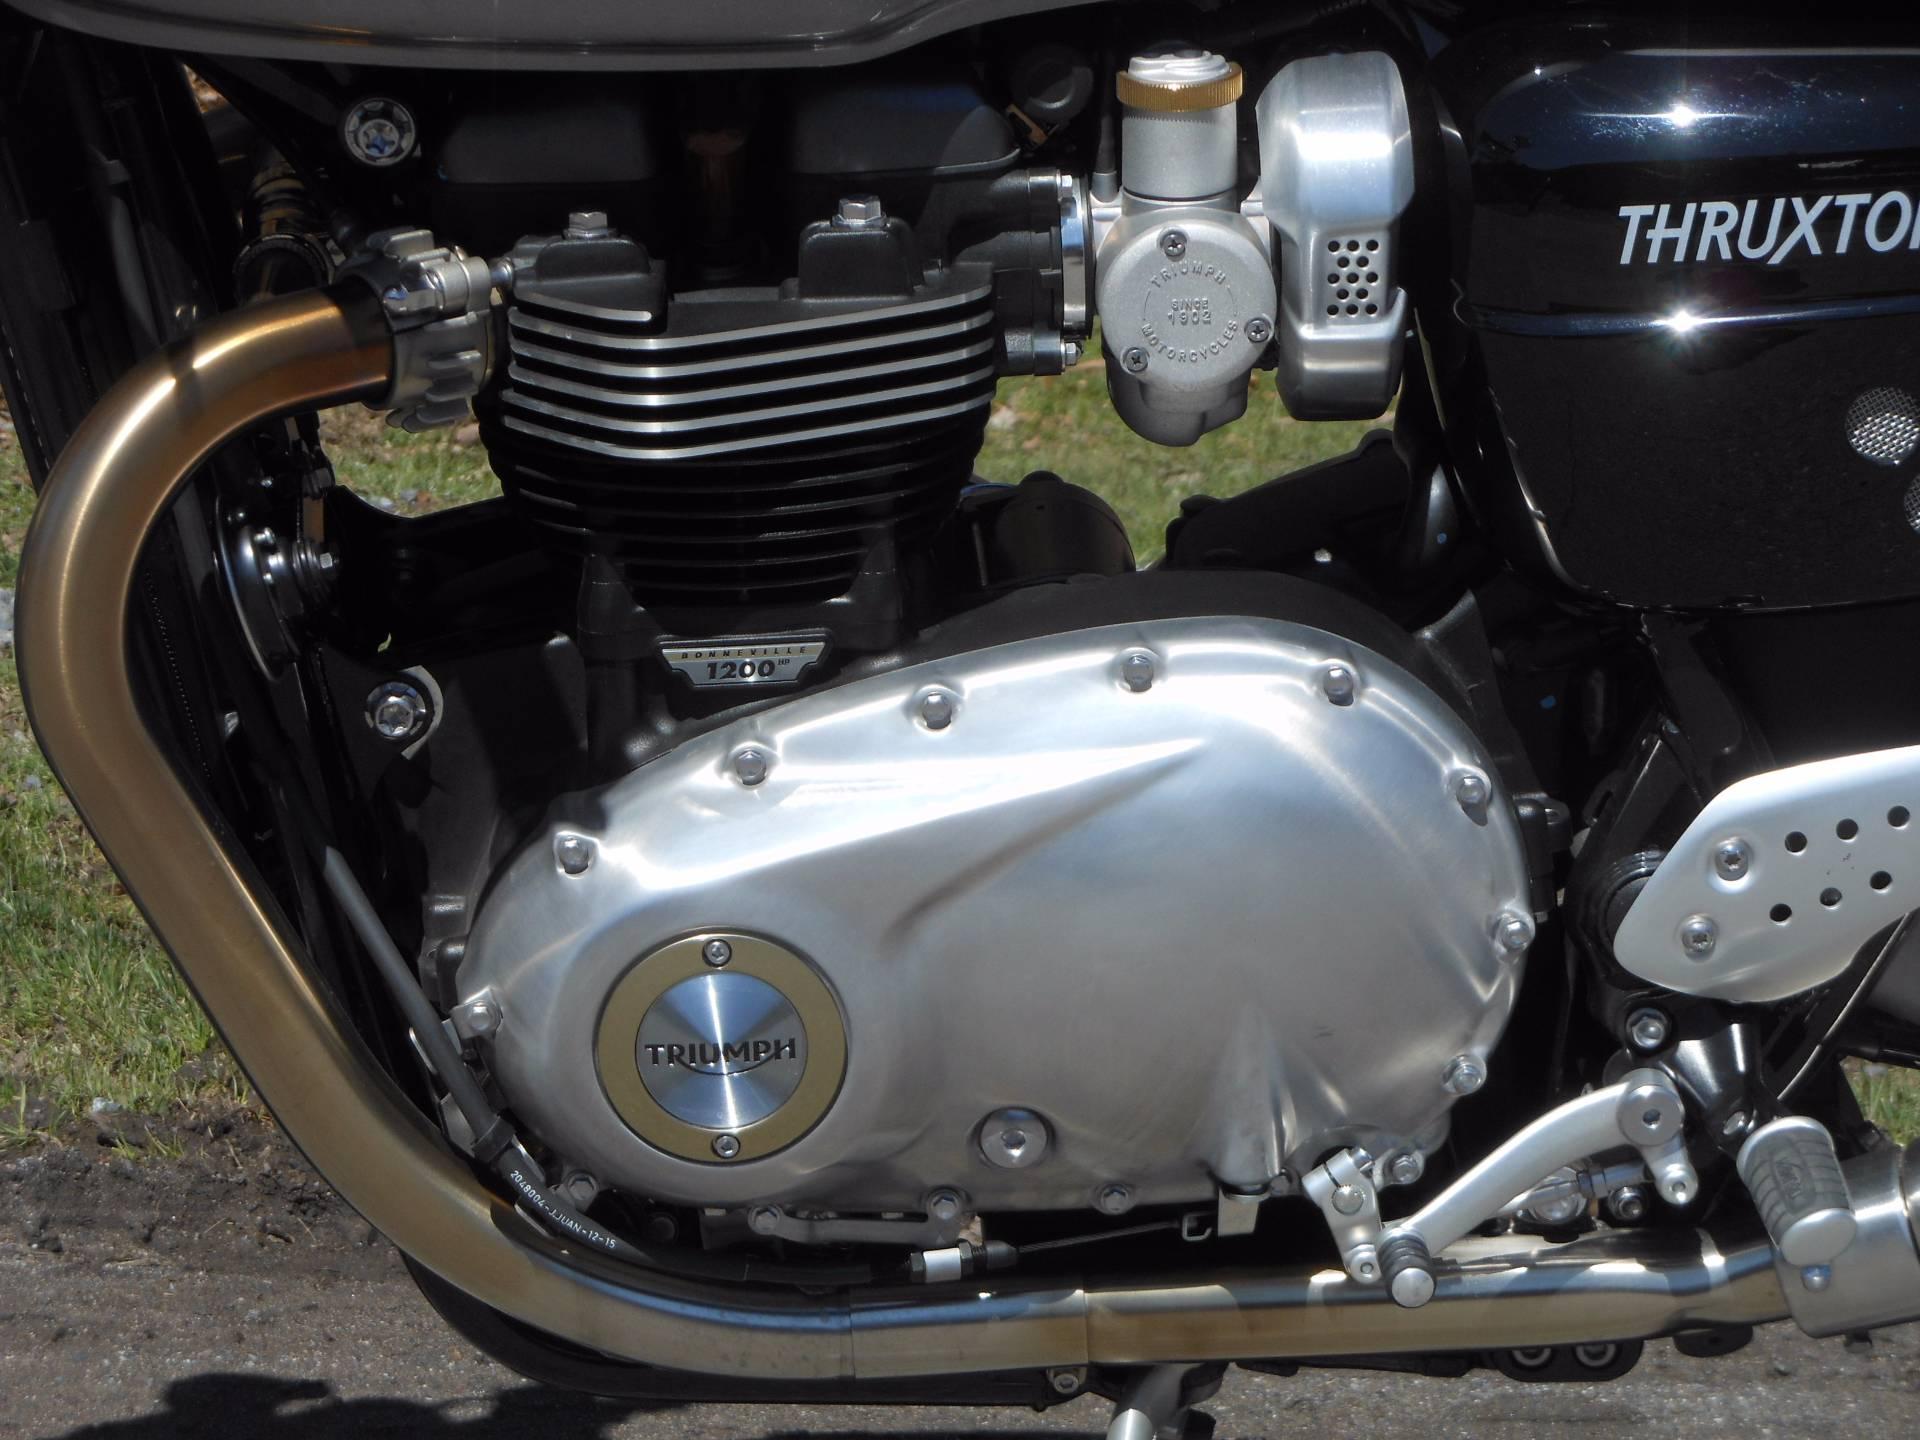 2016 Triumph Thruxton 1200 R in Port Clinton, Pennsylvania